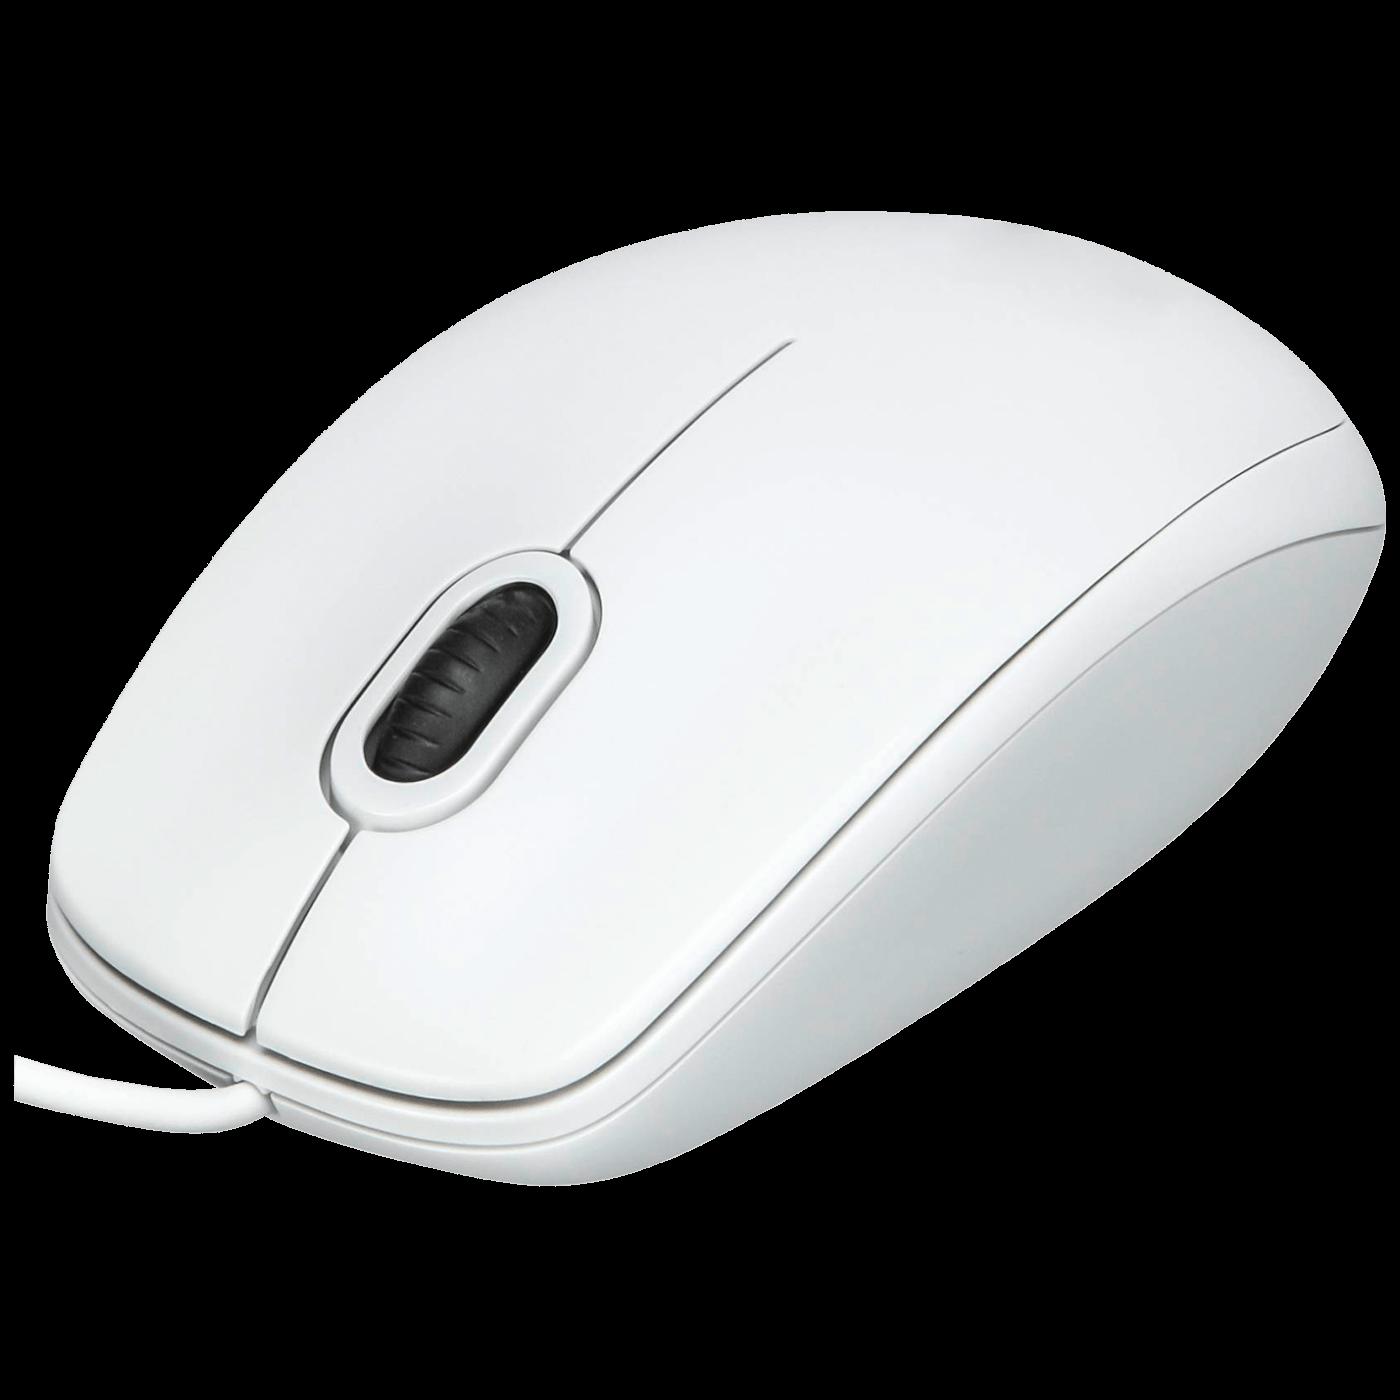 Miš optički, 800 dpi, 3 tipke, USB